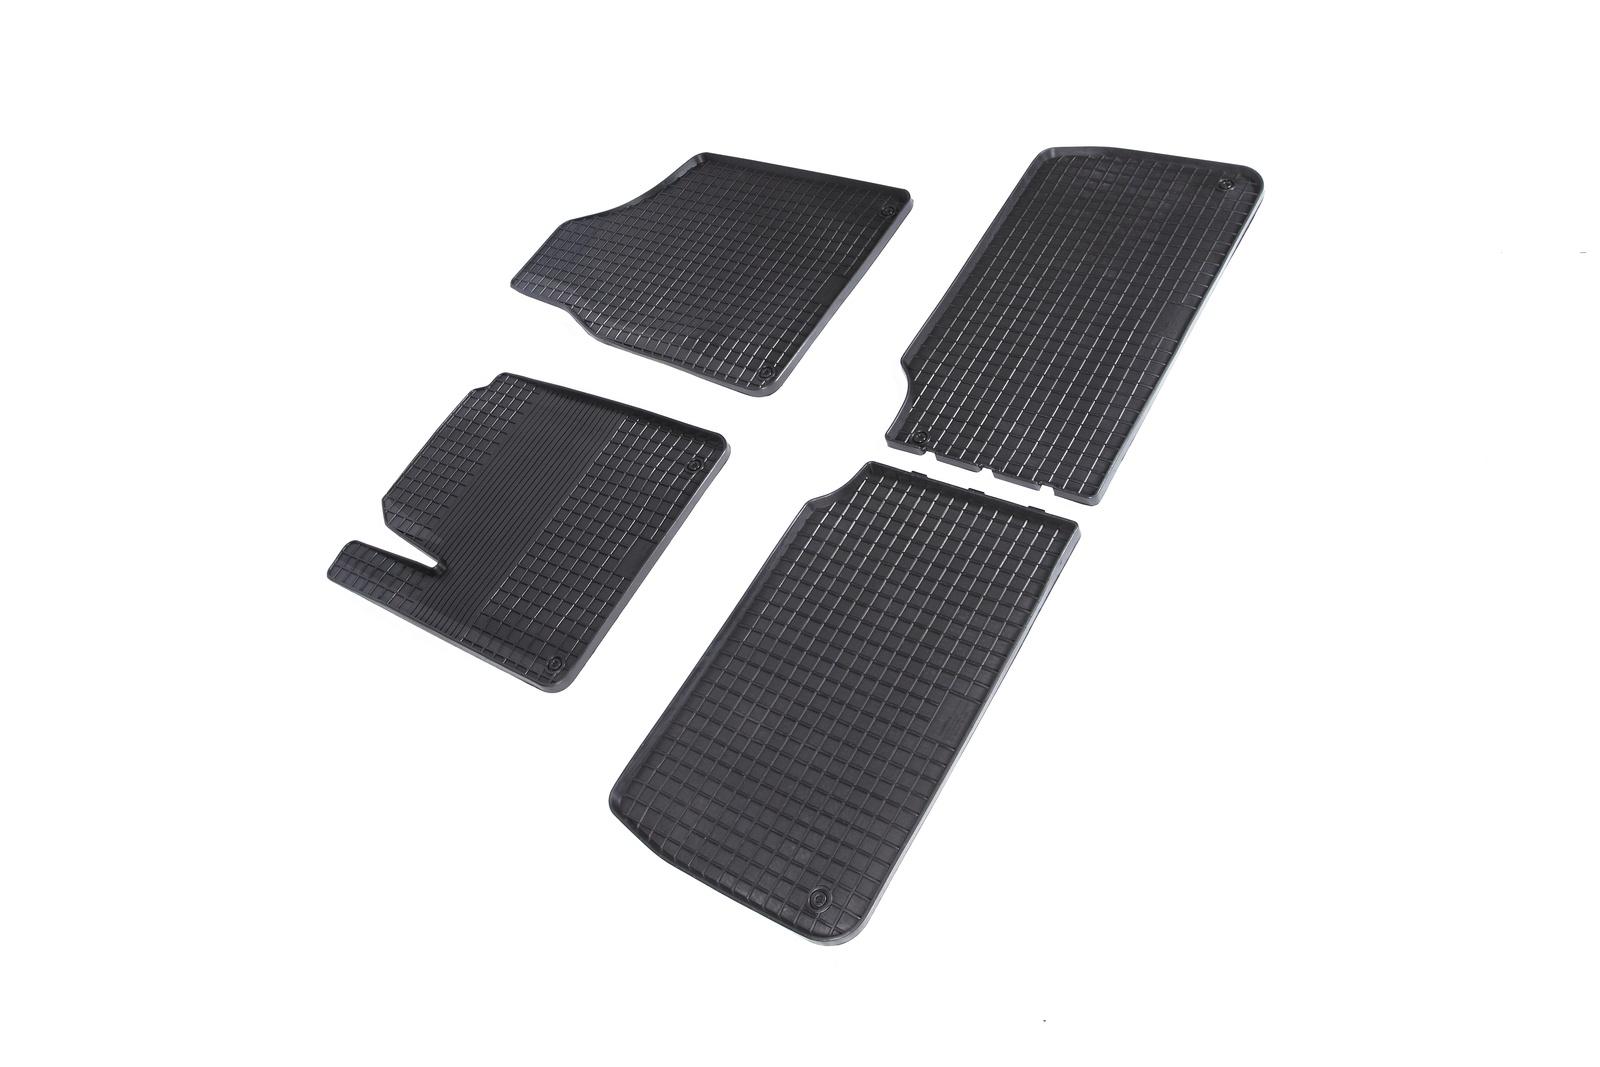 Коврики в салон автомобиля Seintex Резиновые коврики Сетка для Audi A3 2003-2013 для автомобиля audi